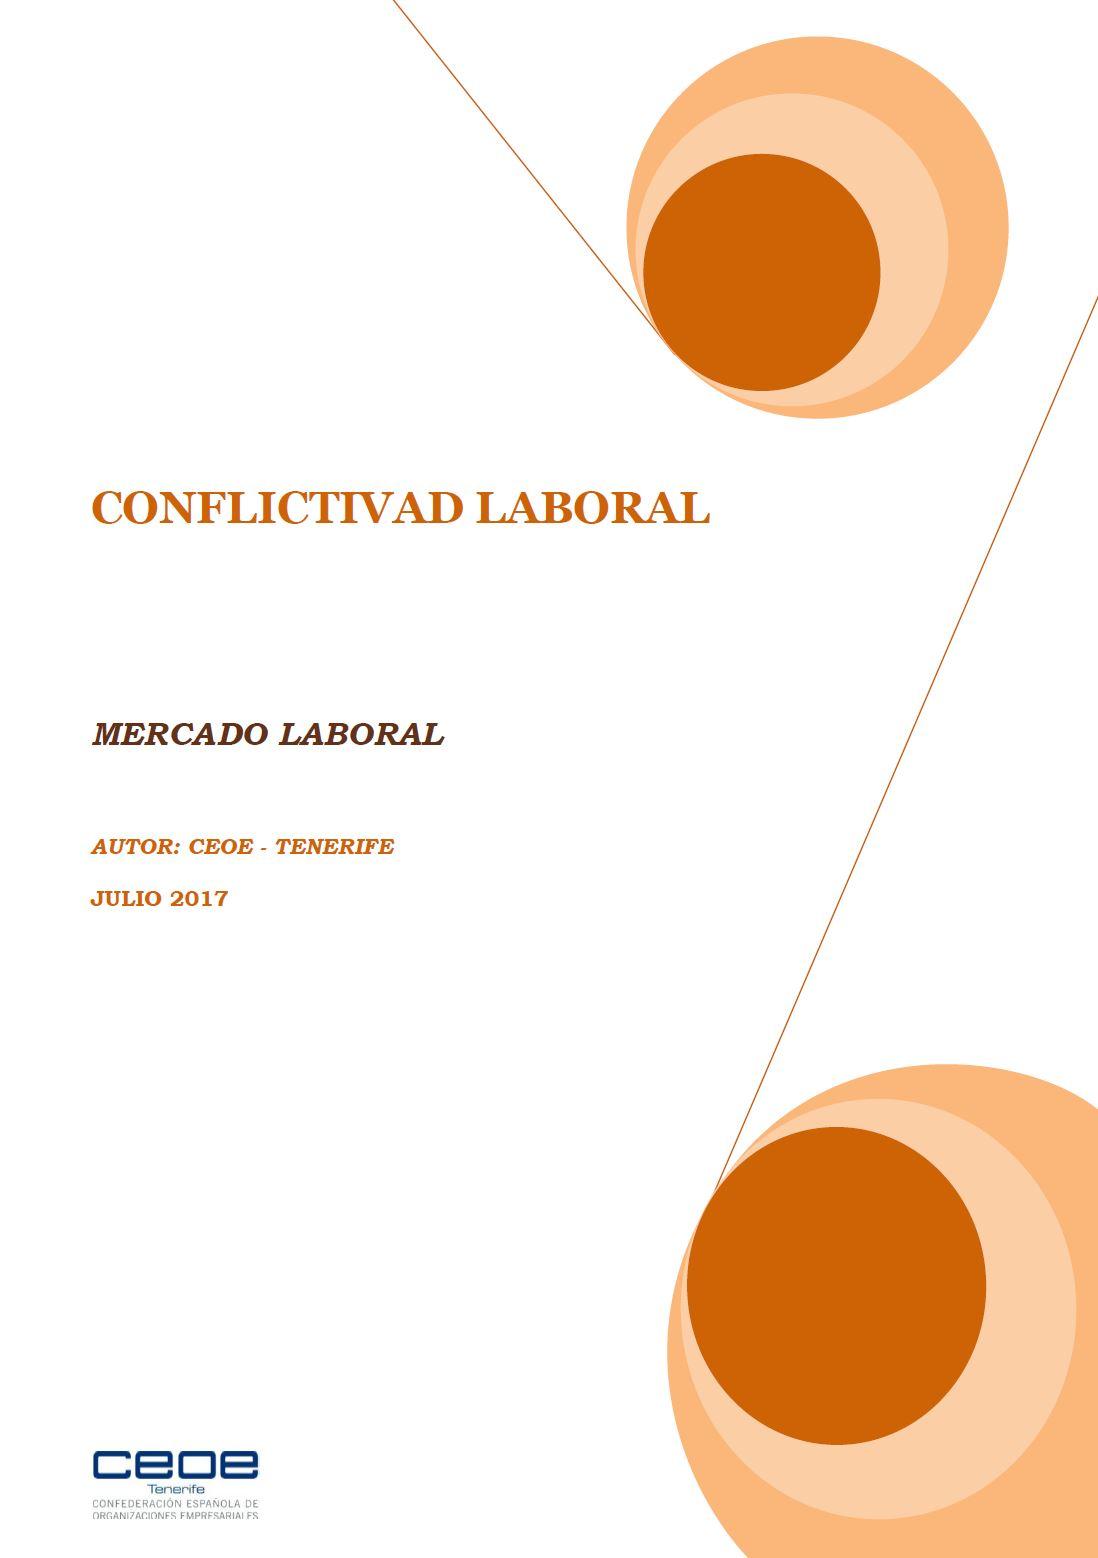 Julio Conflictividad Laboral